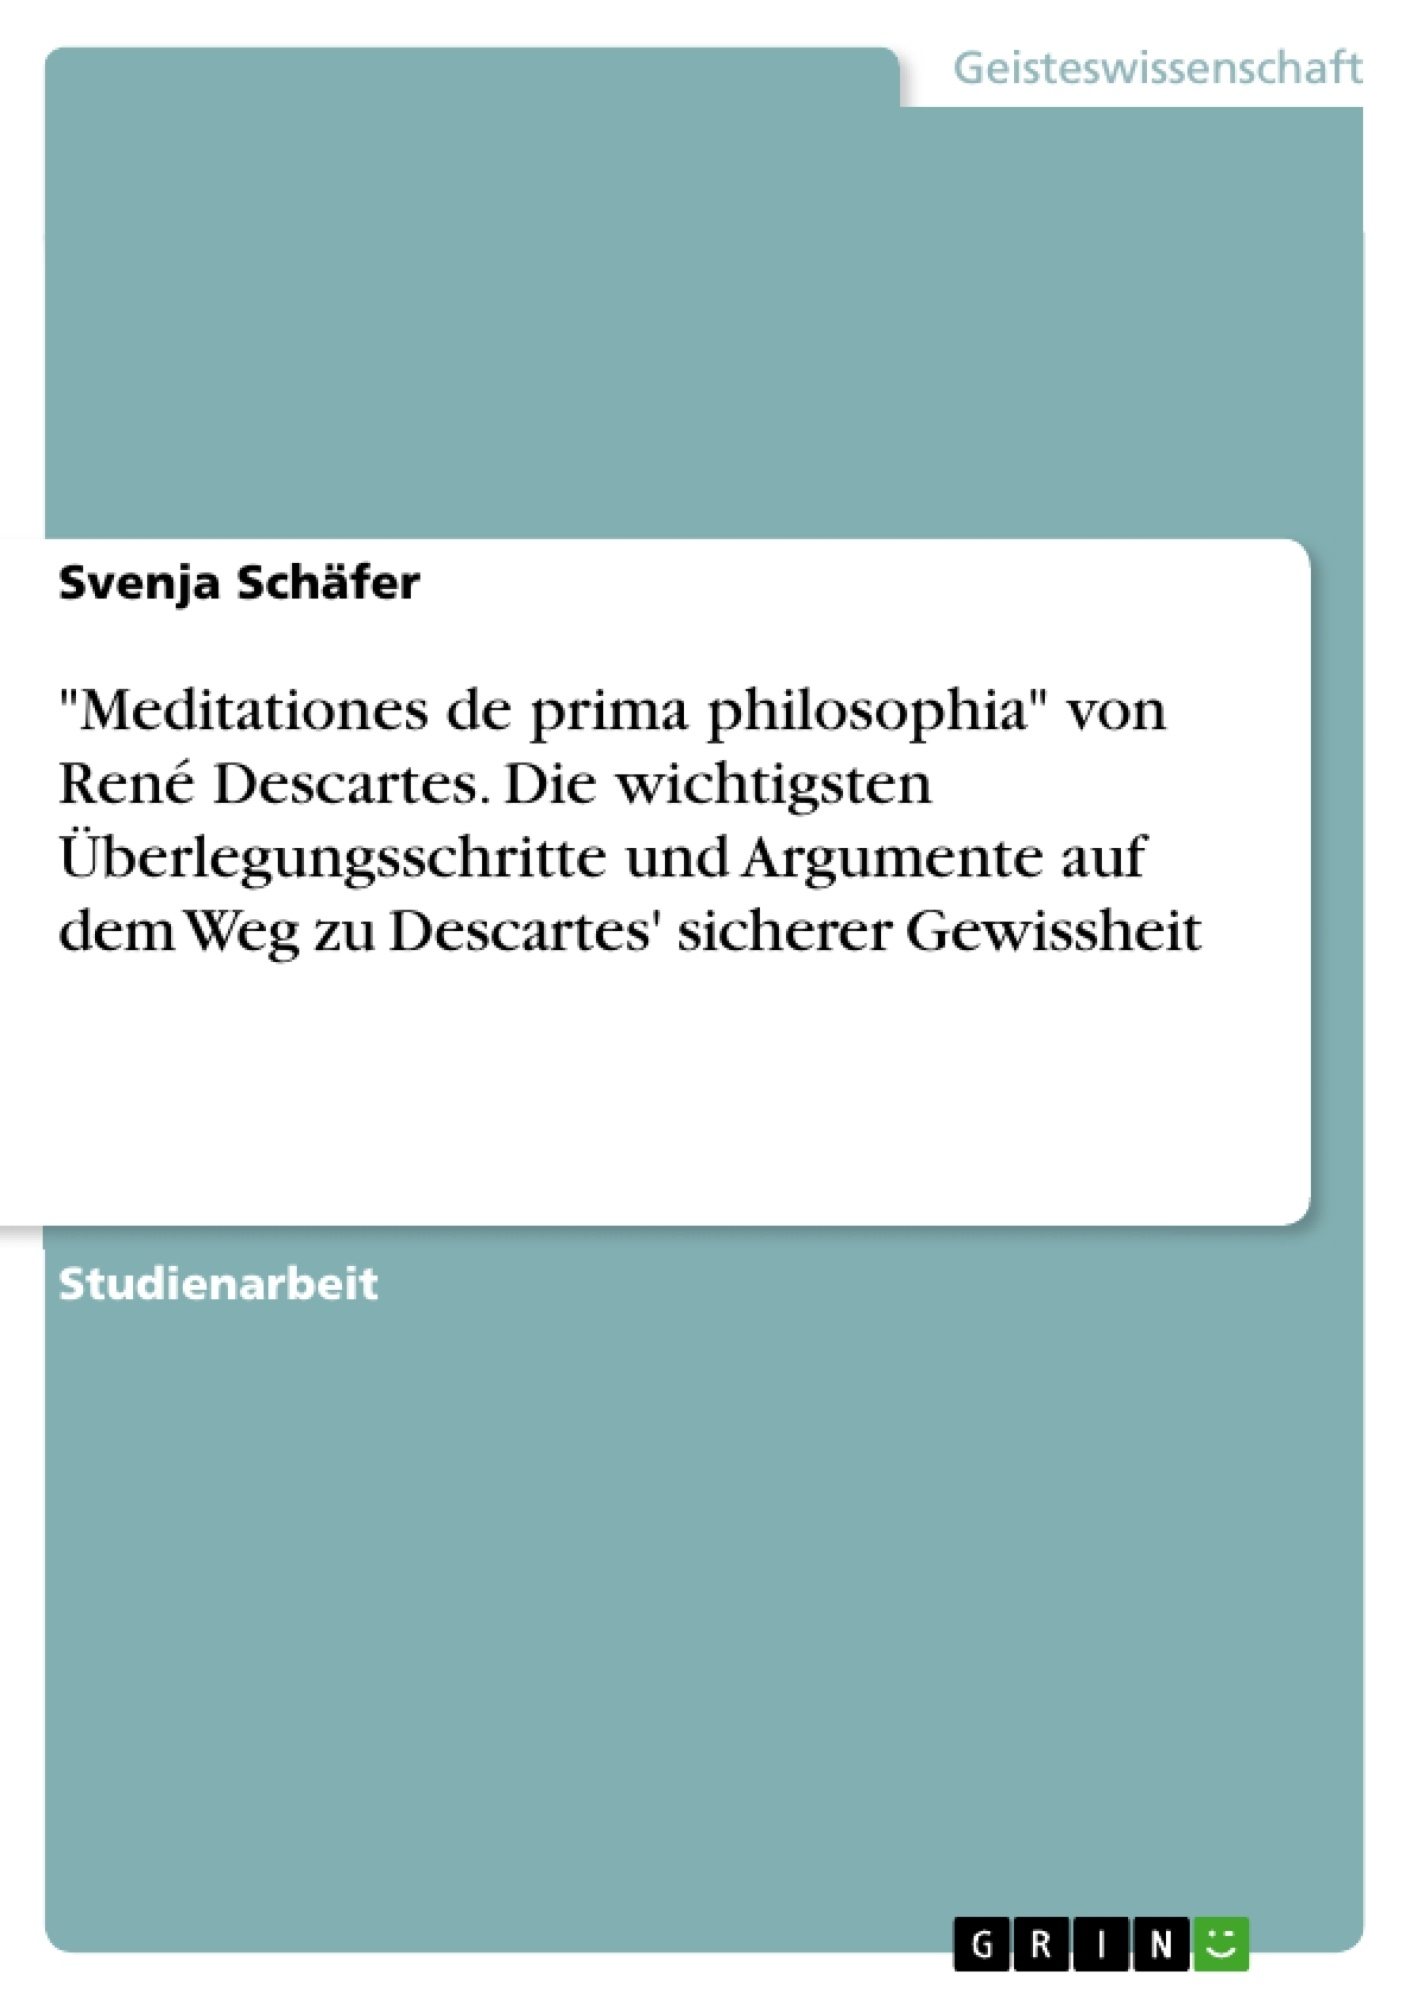 """Titel: """"Meditationes de prima philosophia"""" von René Descartes. Die wichtigsten Überlegungsschritte und Argumente auf dem Weg zu Descartes' sicherer Gewissheit"""